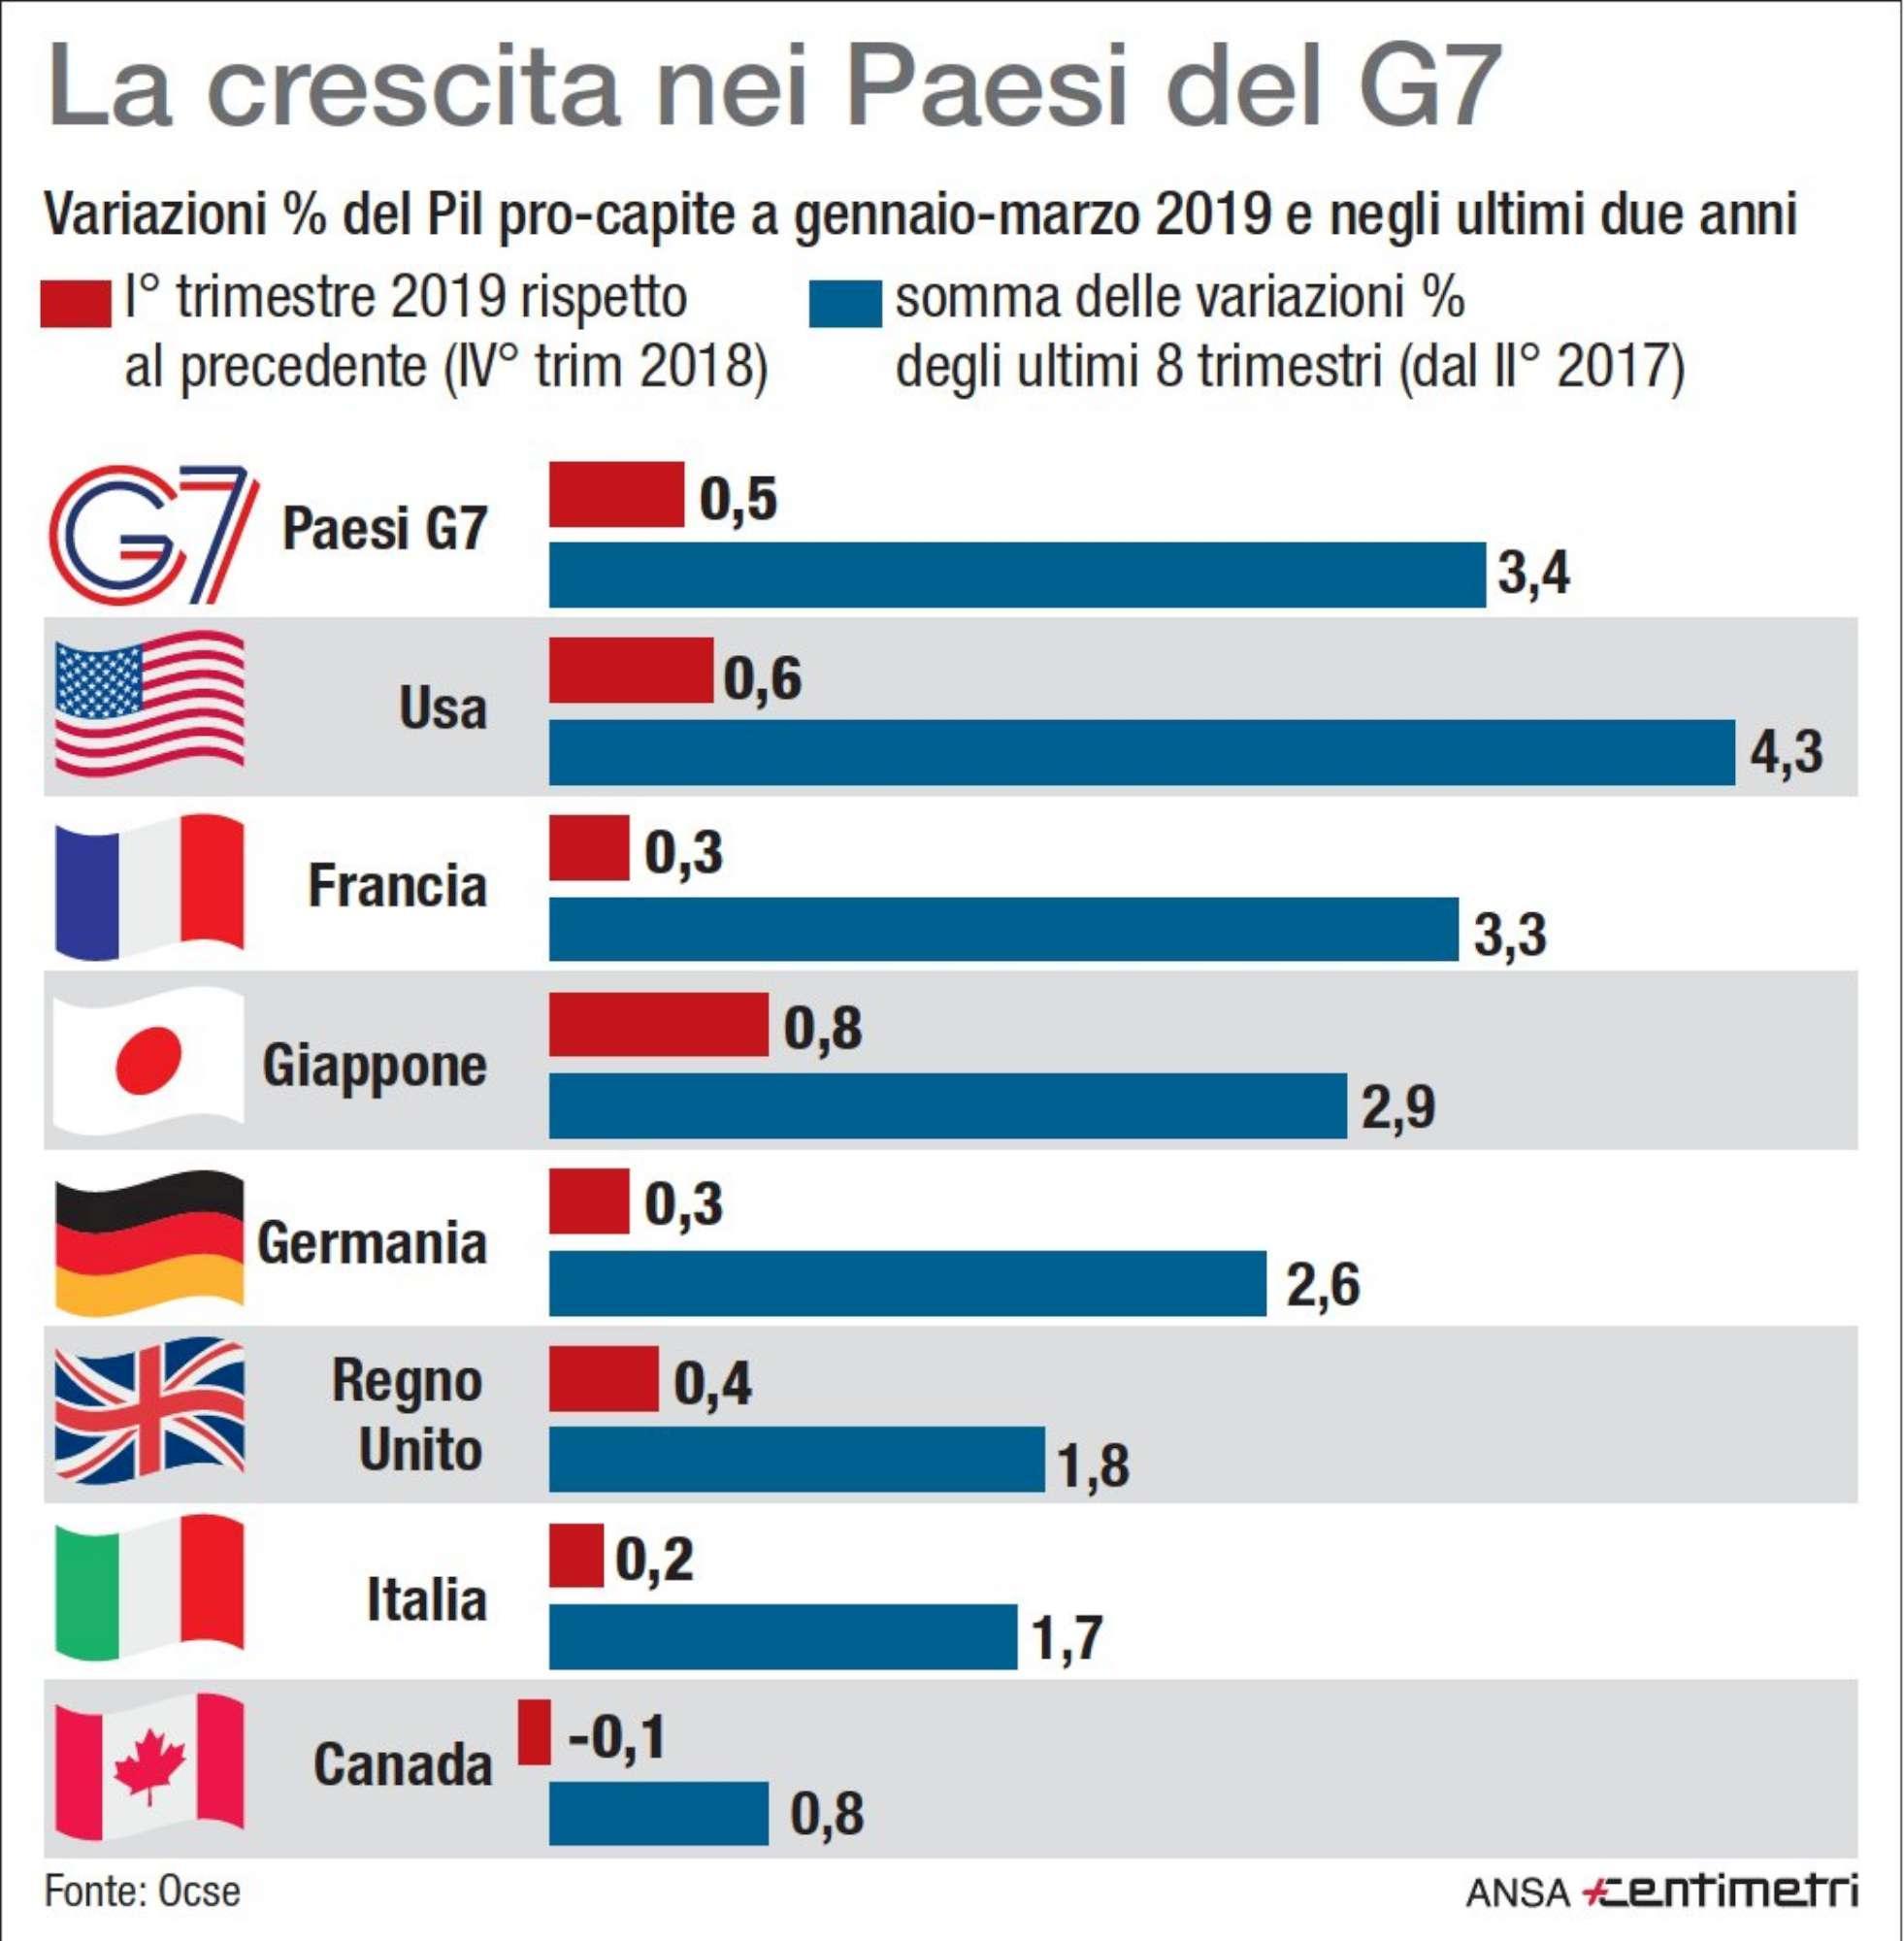 La crescita nei Paesi del G7